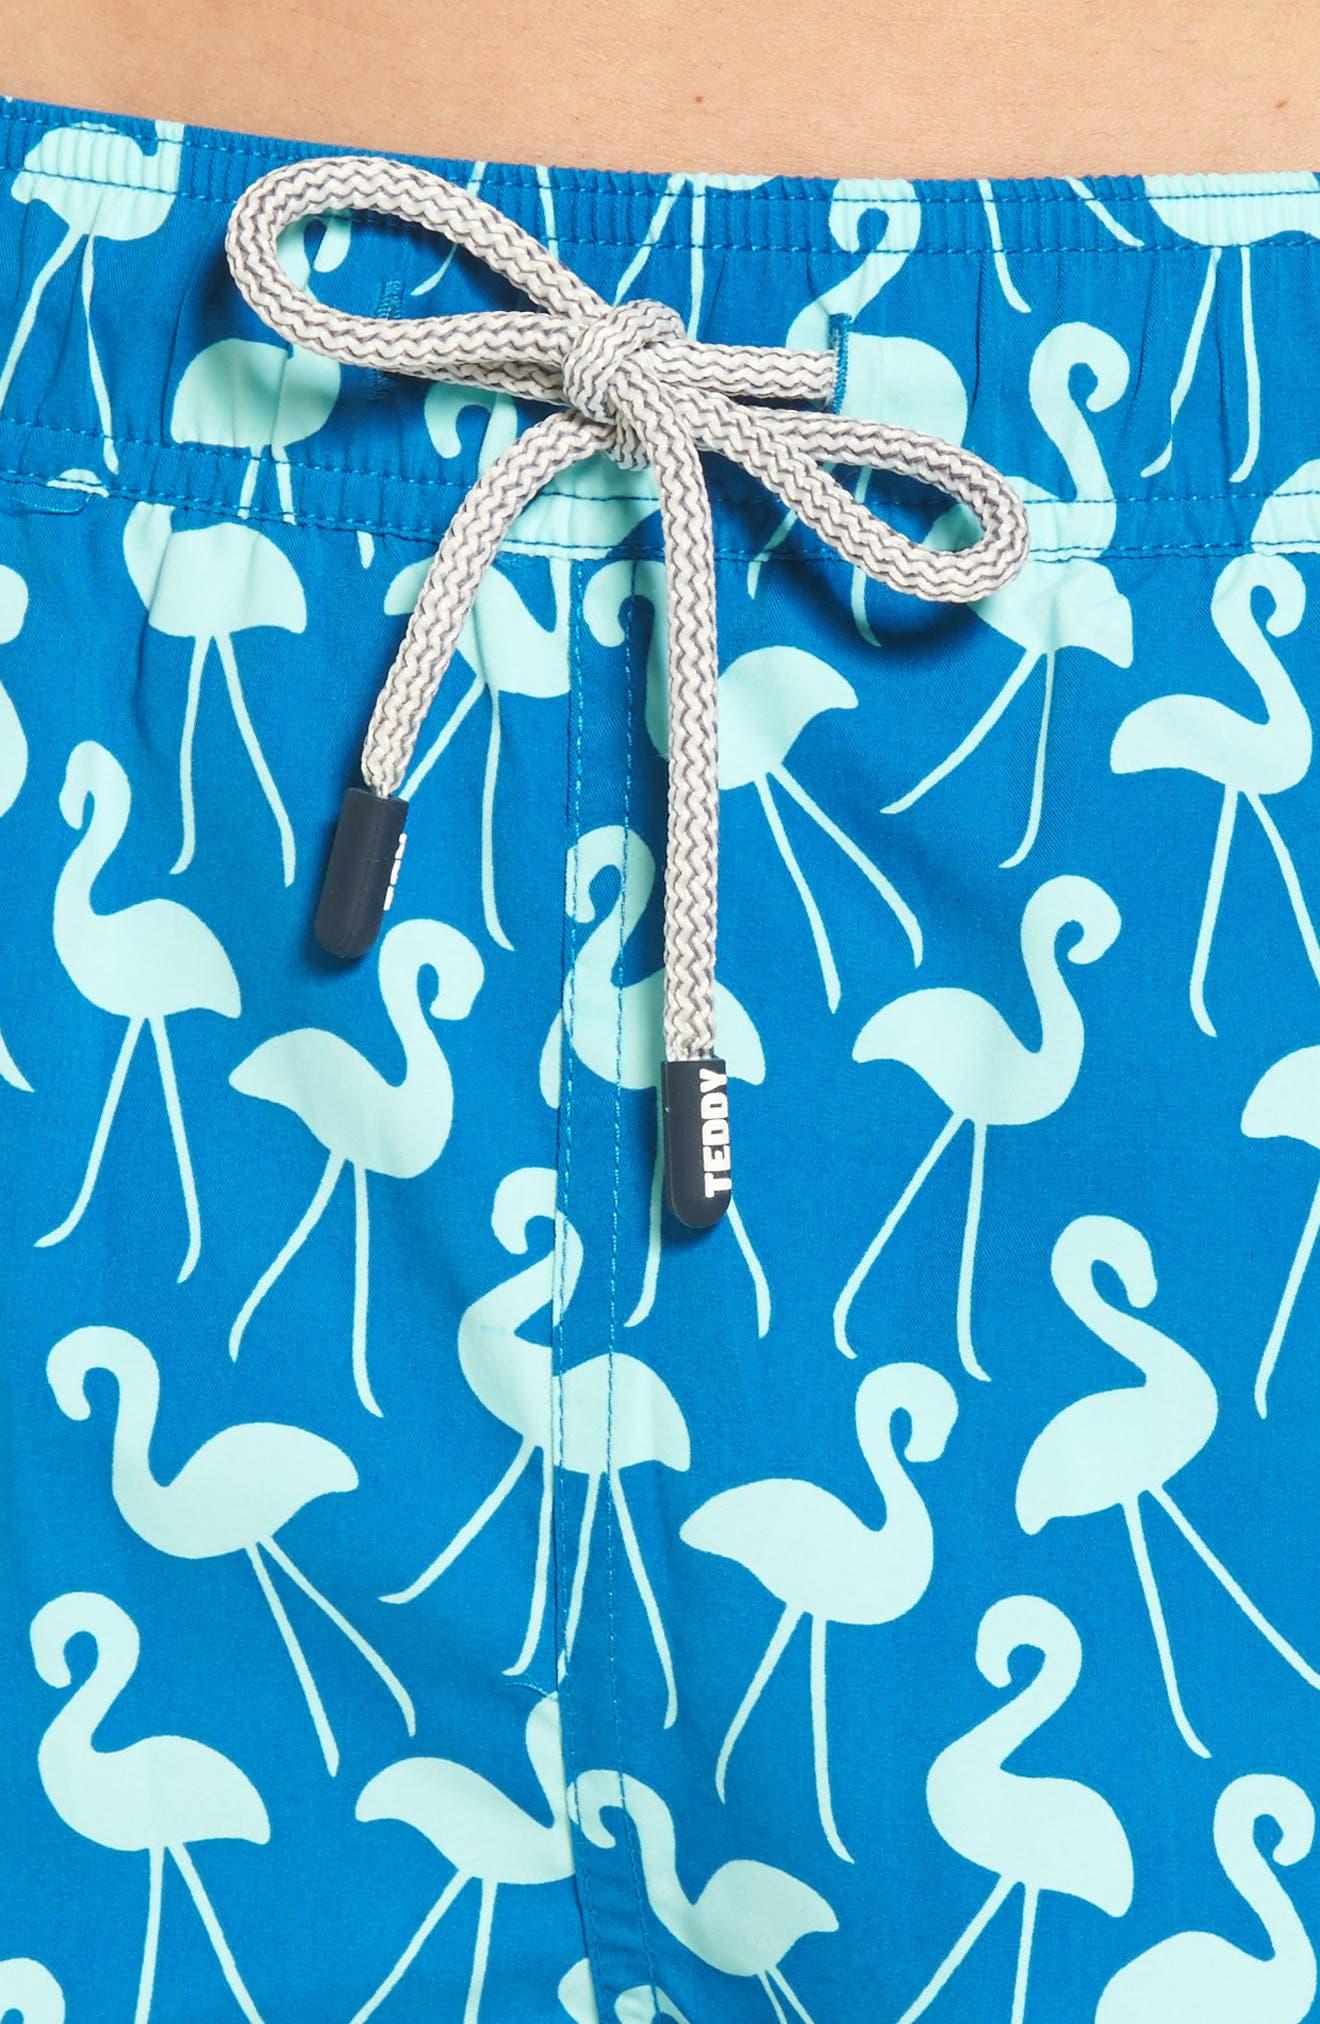 Flamingo Print Swim Trunks,                             Alternate thumbnail 4, color,                             420